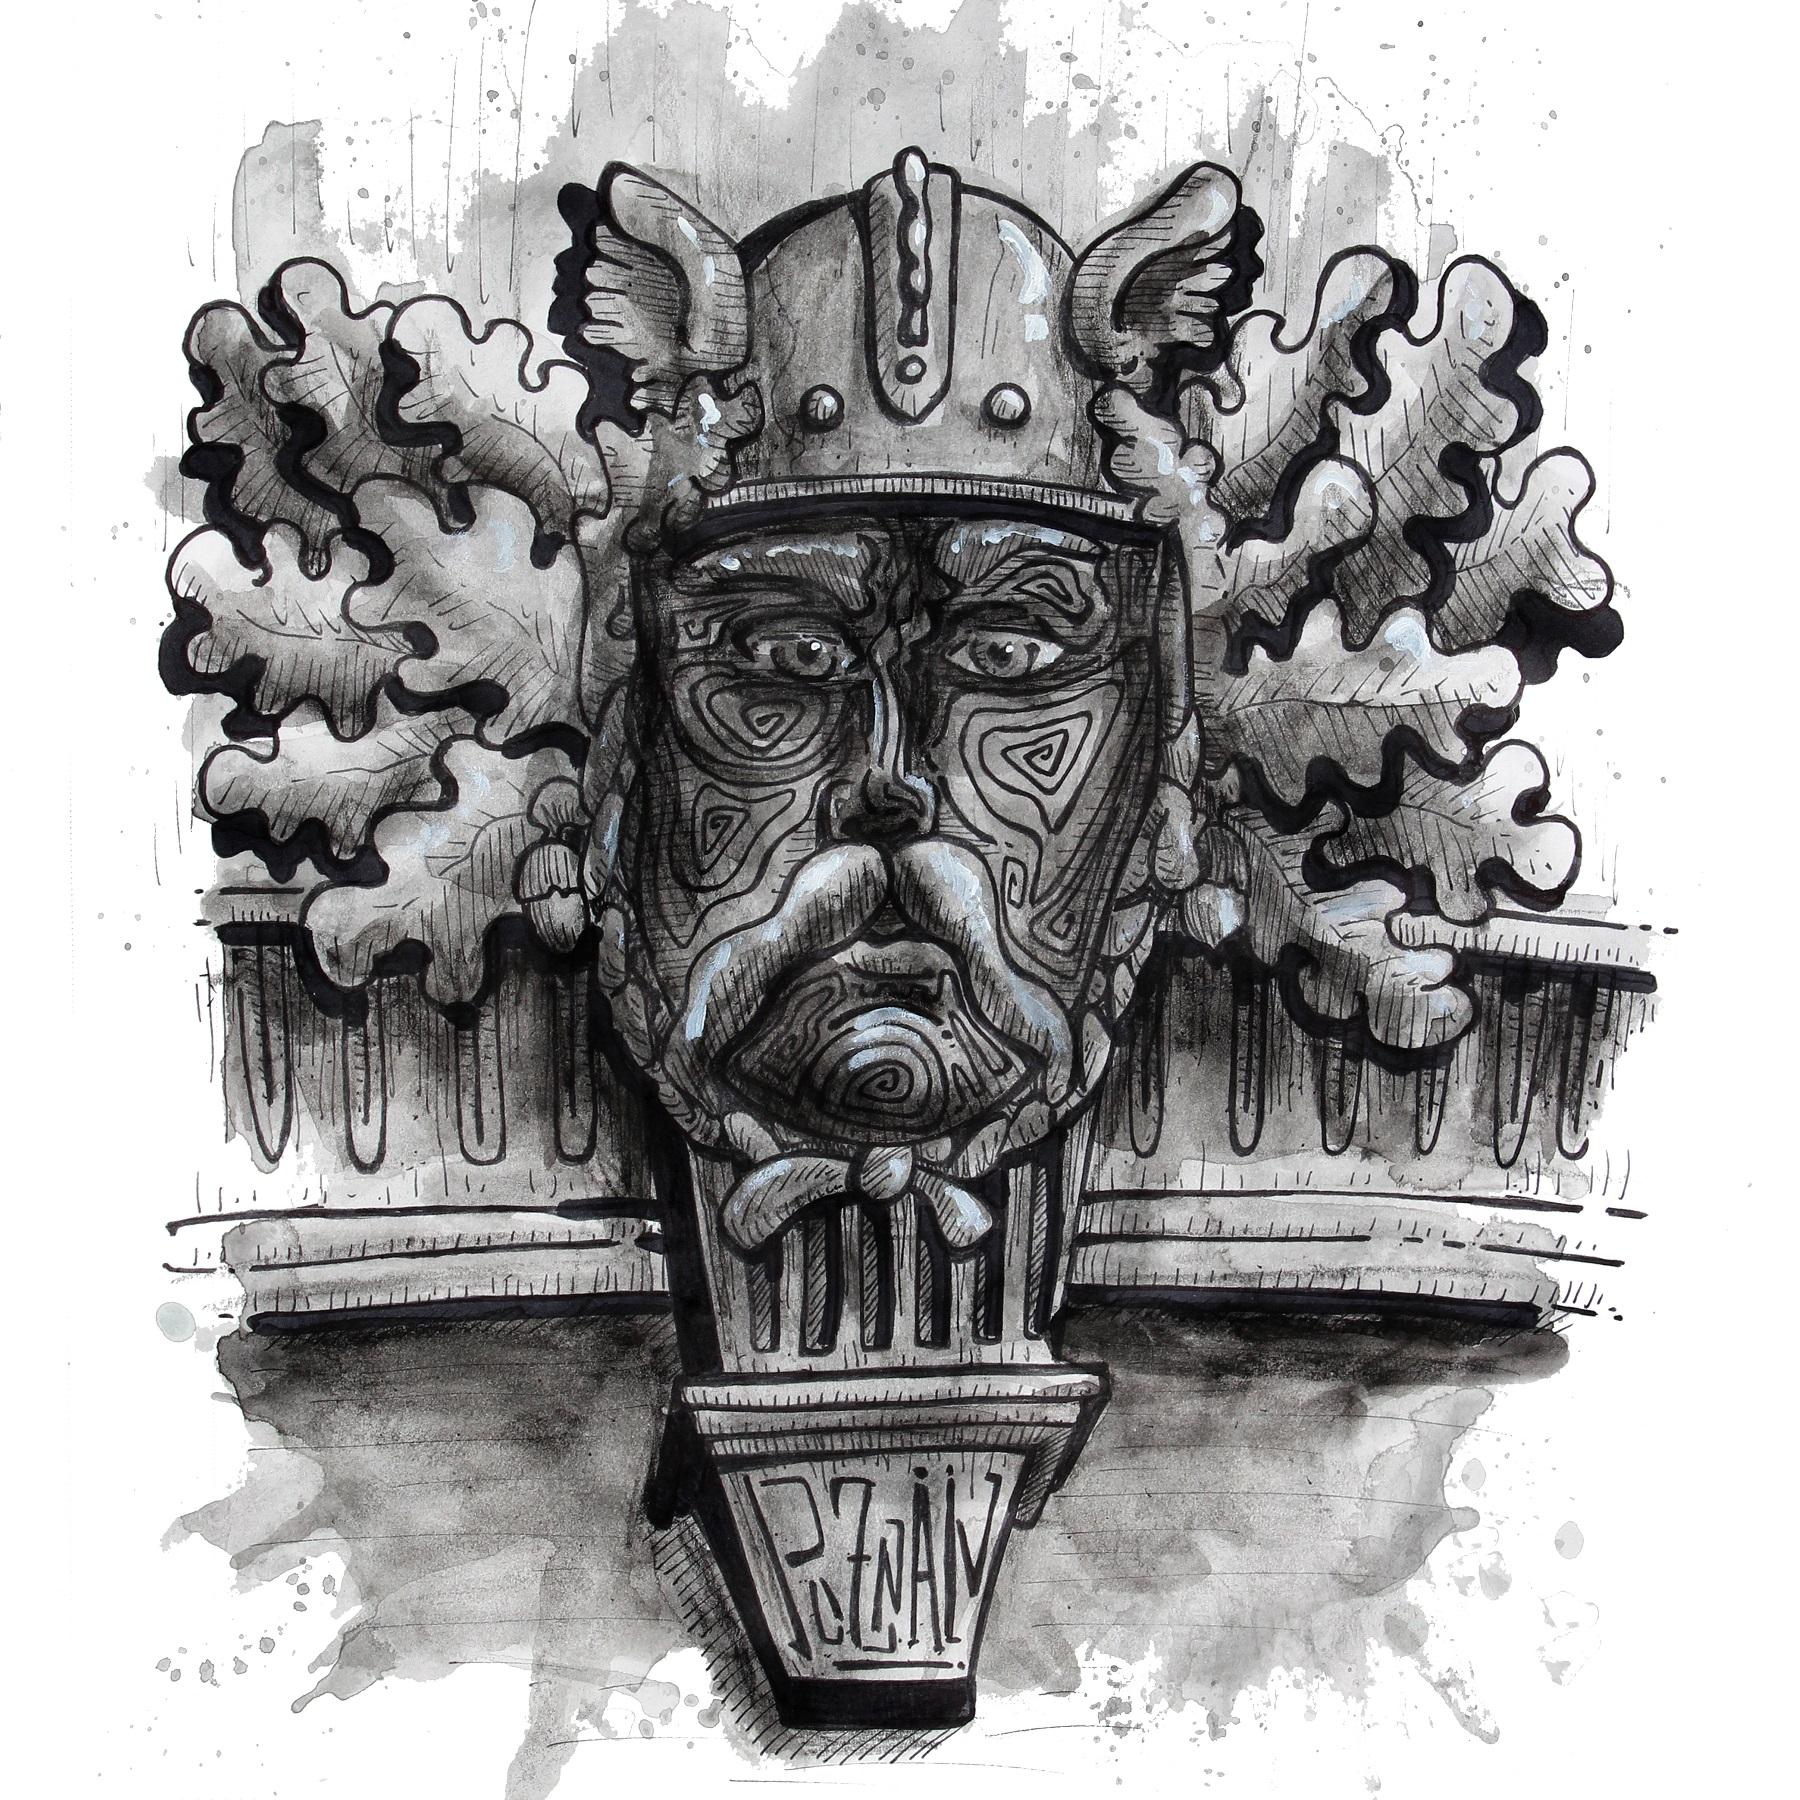 Poznan Warrior